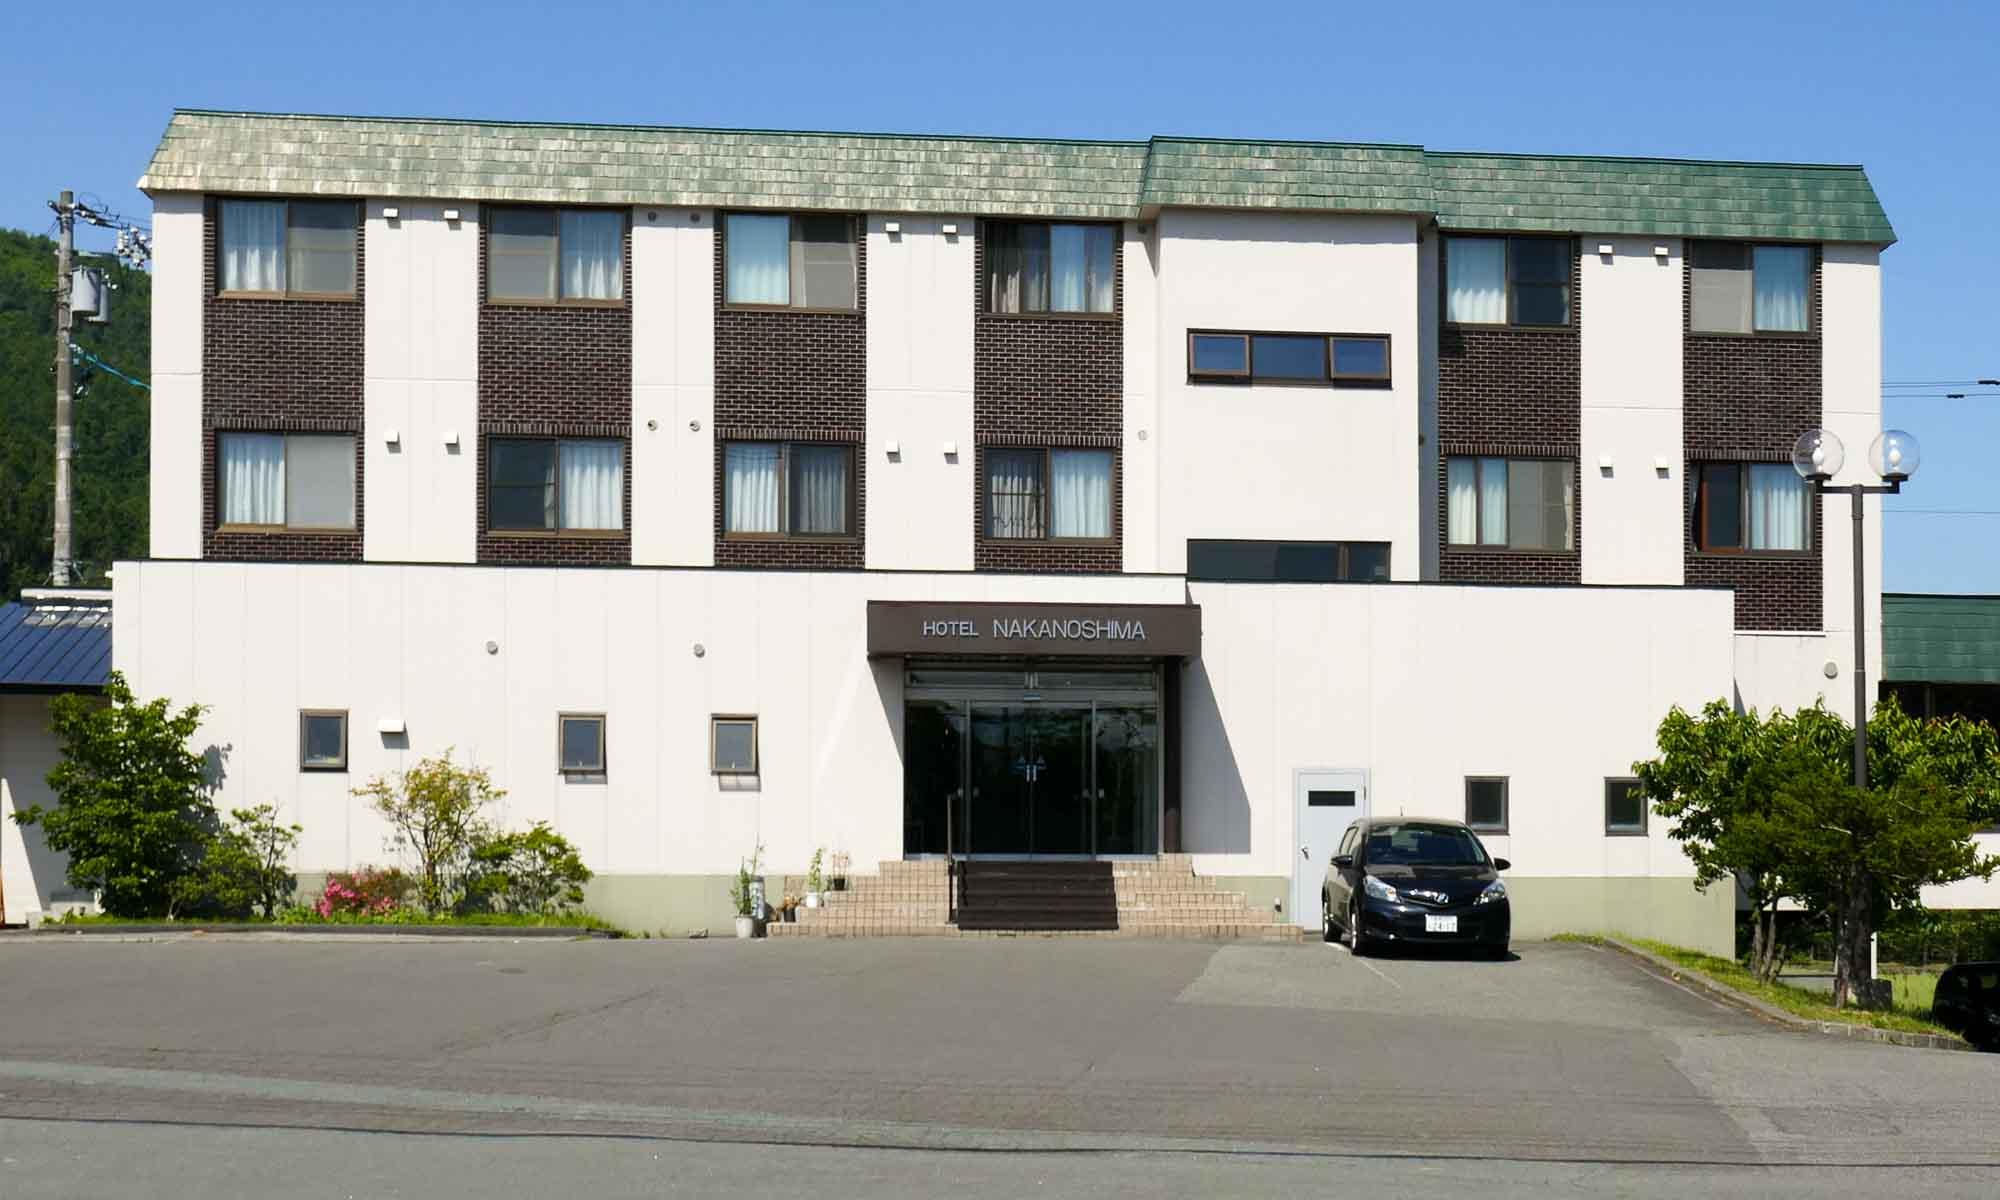 Hotel Nakanoshima